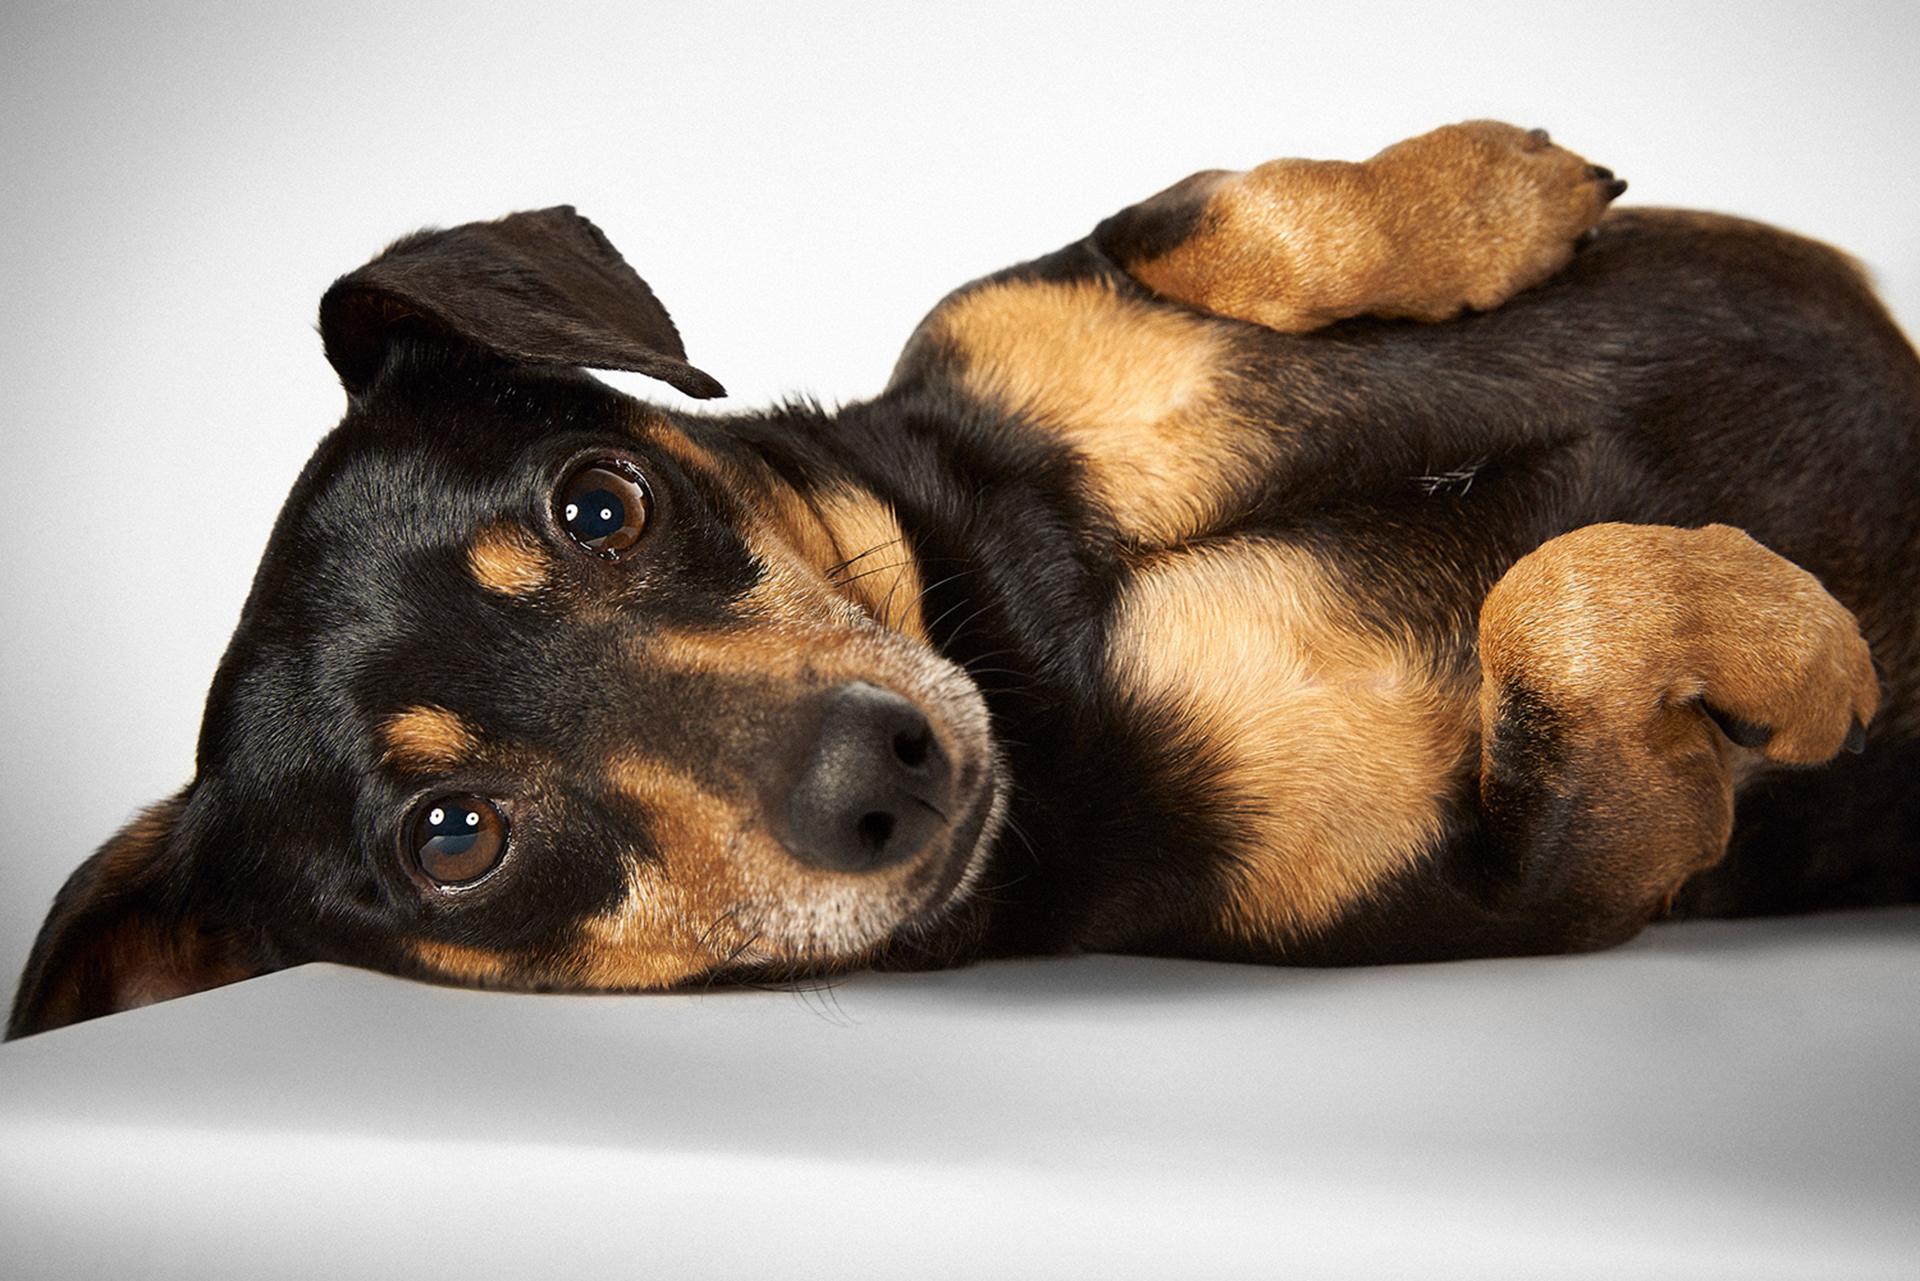 El dueño dijo que él y su familia se estaban mudando y no podían con Timothy y su hermano Kirby, así que él entregó a estos mestizos de dachshund/Chihuahua de 5 años a la Humane Society de Nueva York. Timothy debió de sentirse abrumadoy tuvo una convulsión aproximadamente una hora después.